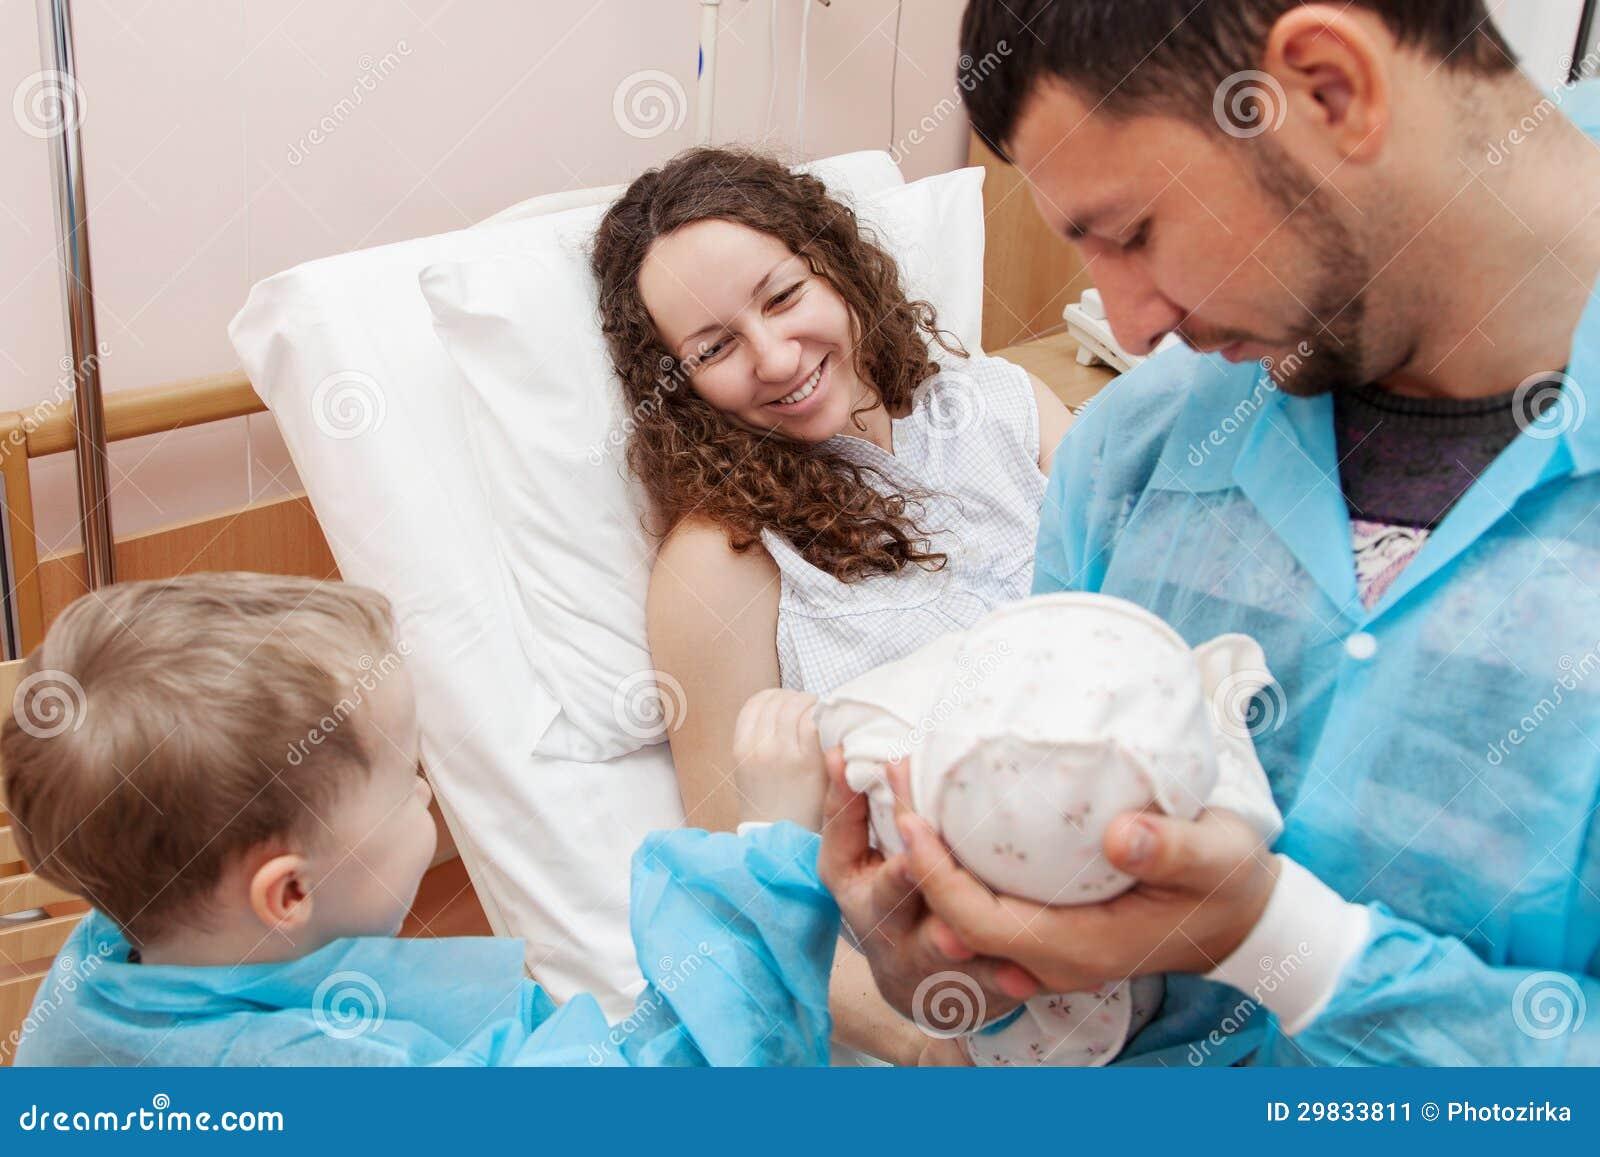 Divisão de maternidade